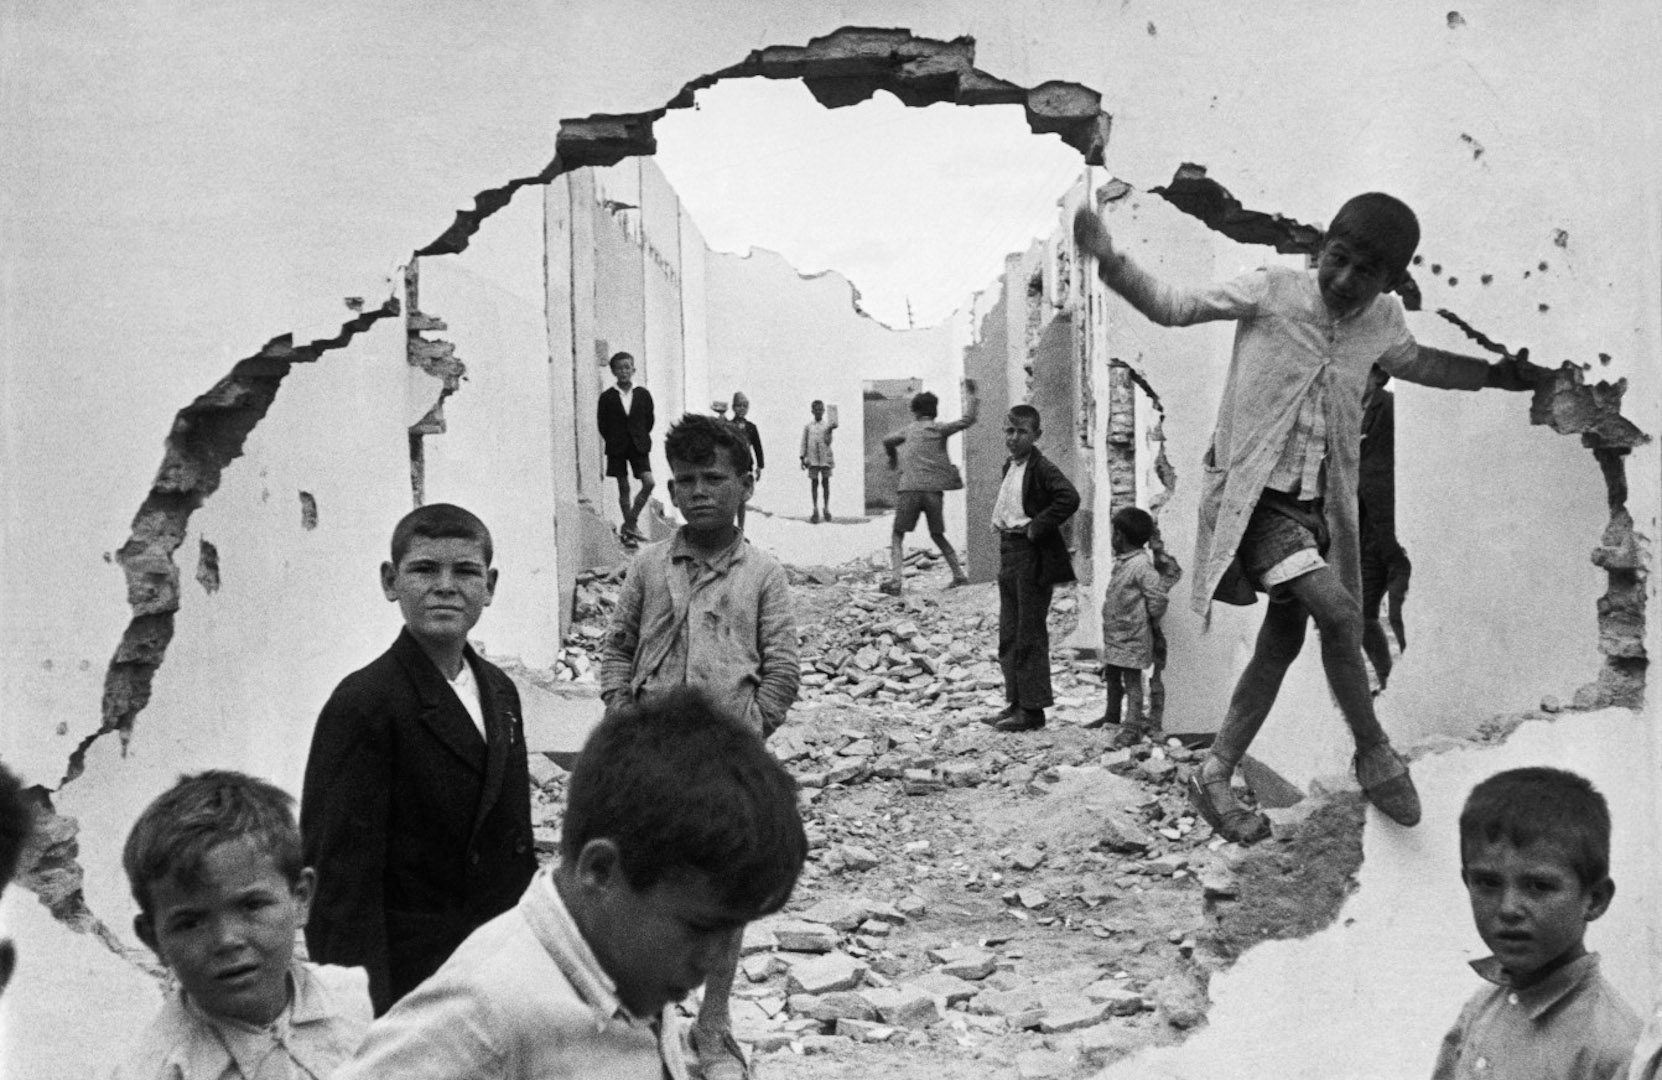 M: Henri Cartier-Bresson